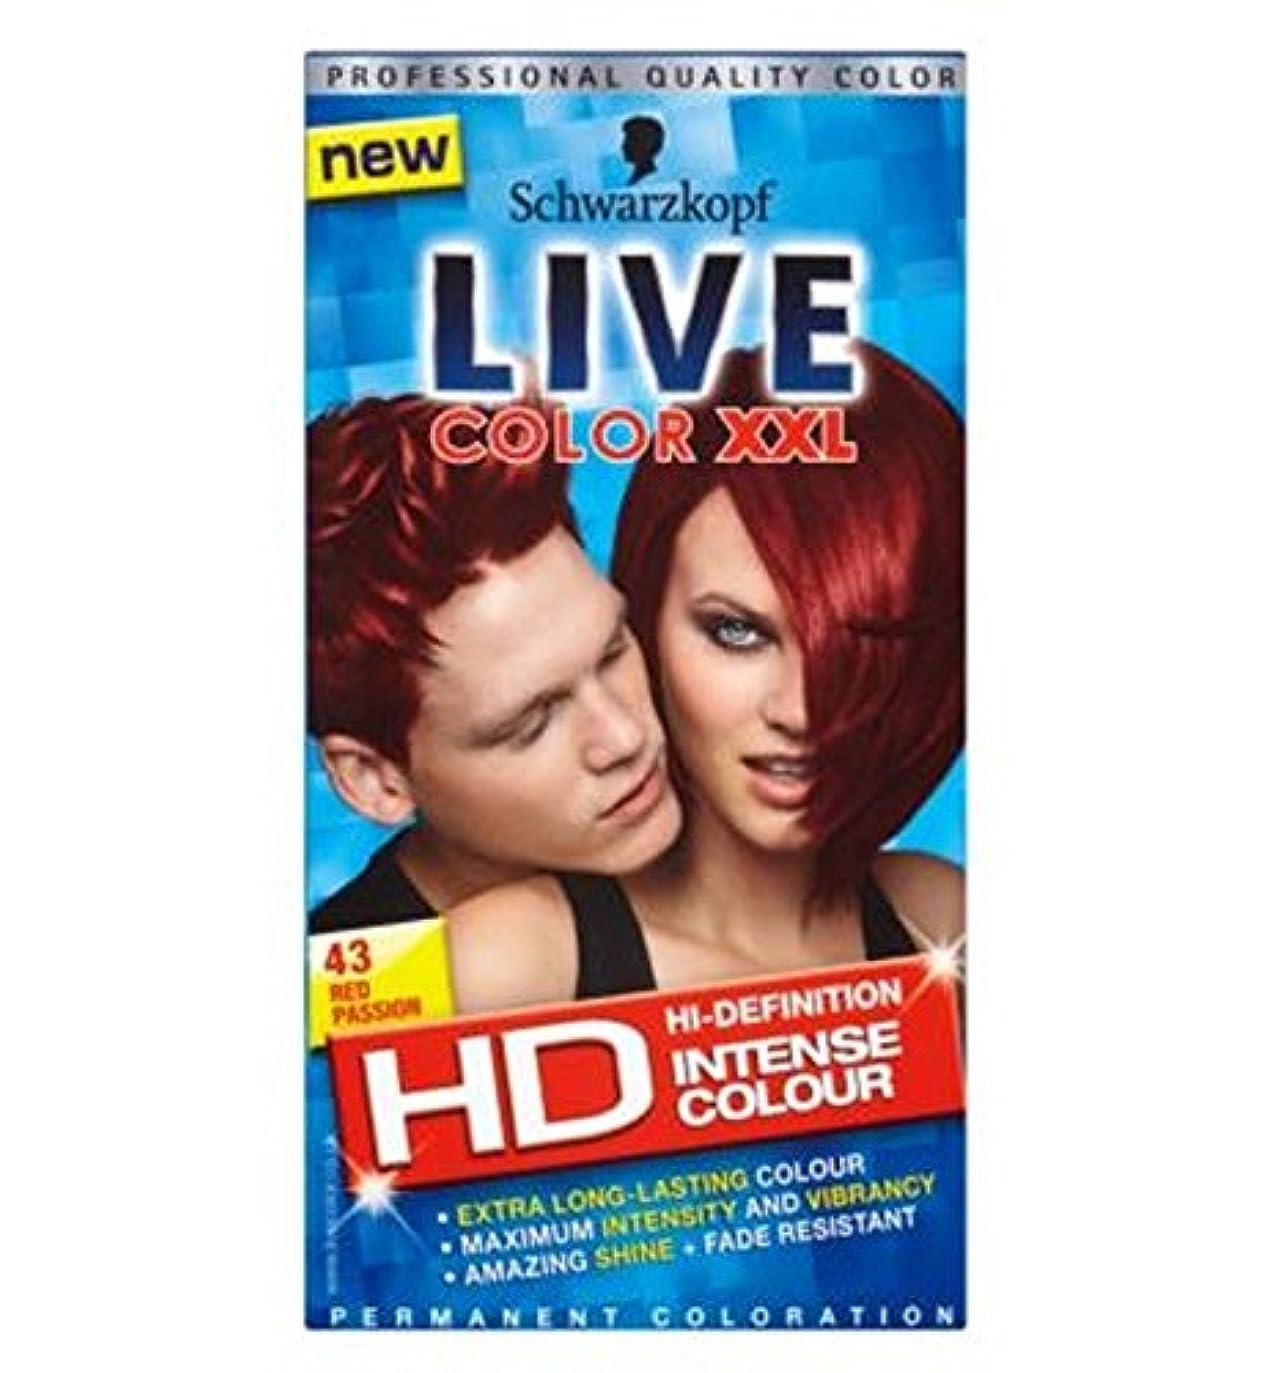 迫害するモジュールそれらシュワルツコフライブカラーXxl Hdの43赤い情熱パーマネントレッドヘアダイ (Schwarzkopf) (x2) - Schwarzkopf LIVE Color XXL HD 43 Red Passion Permanent Red Hair Dye (Pack of 2) [並行輸入品]